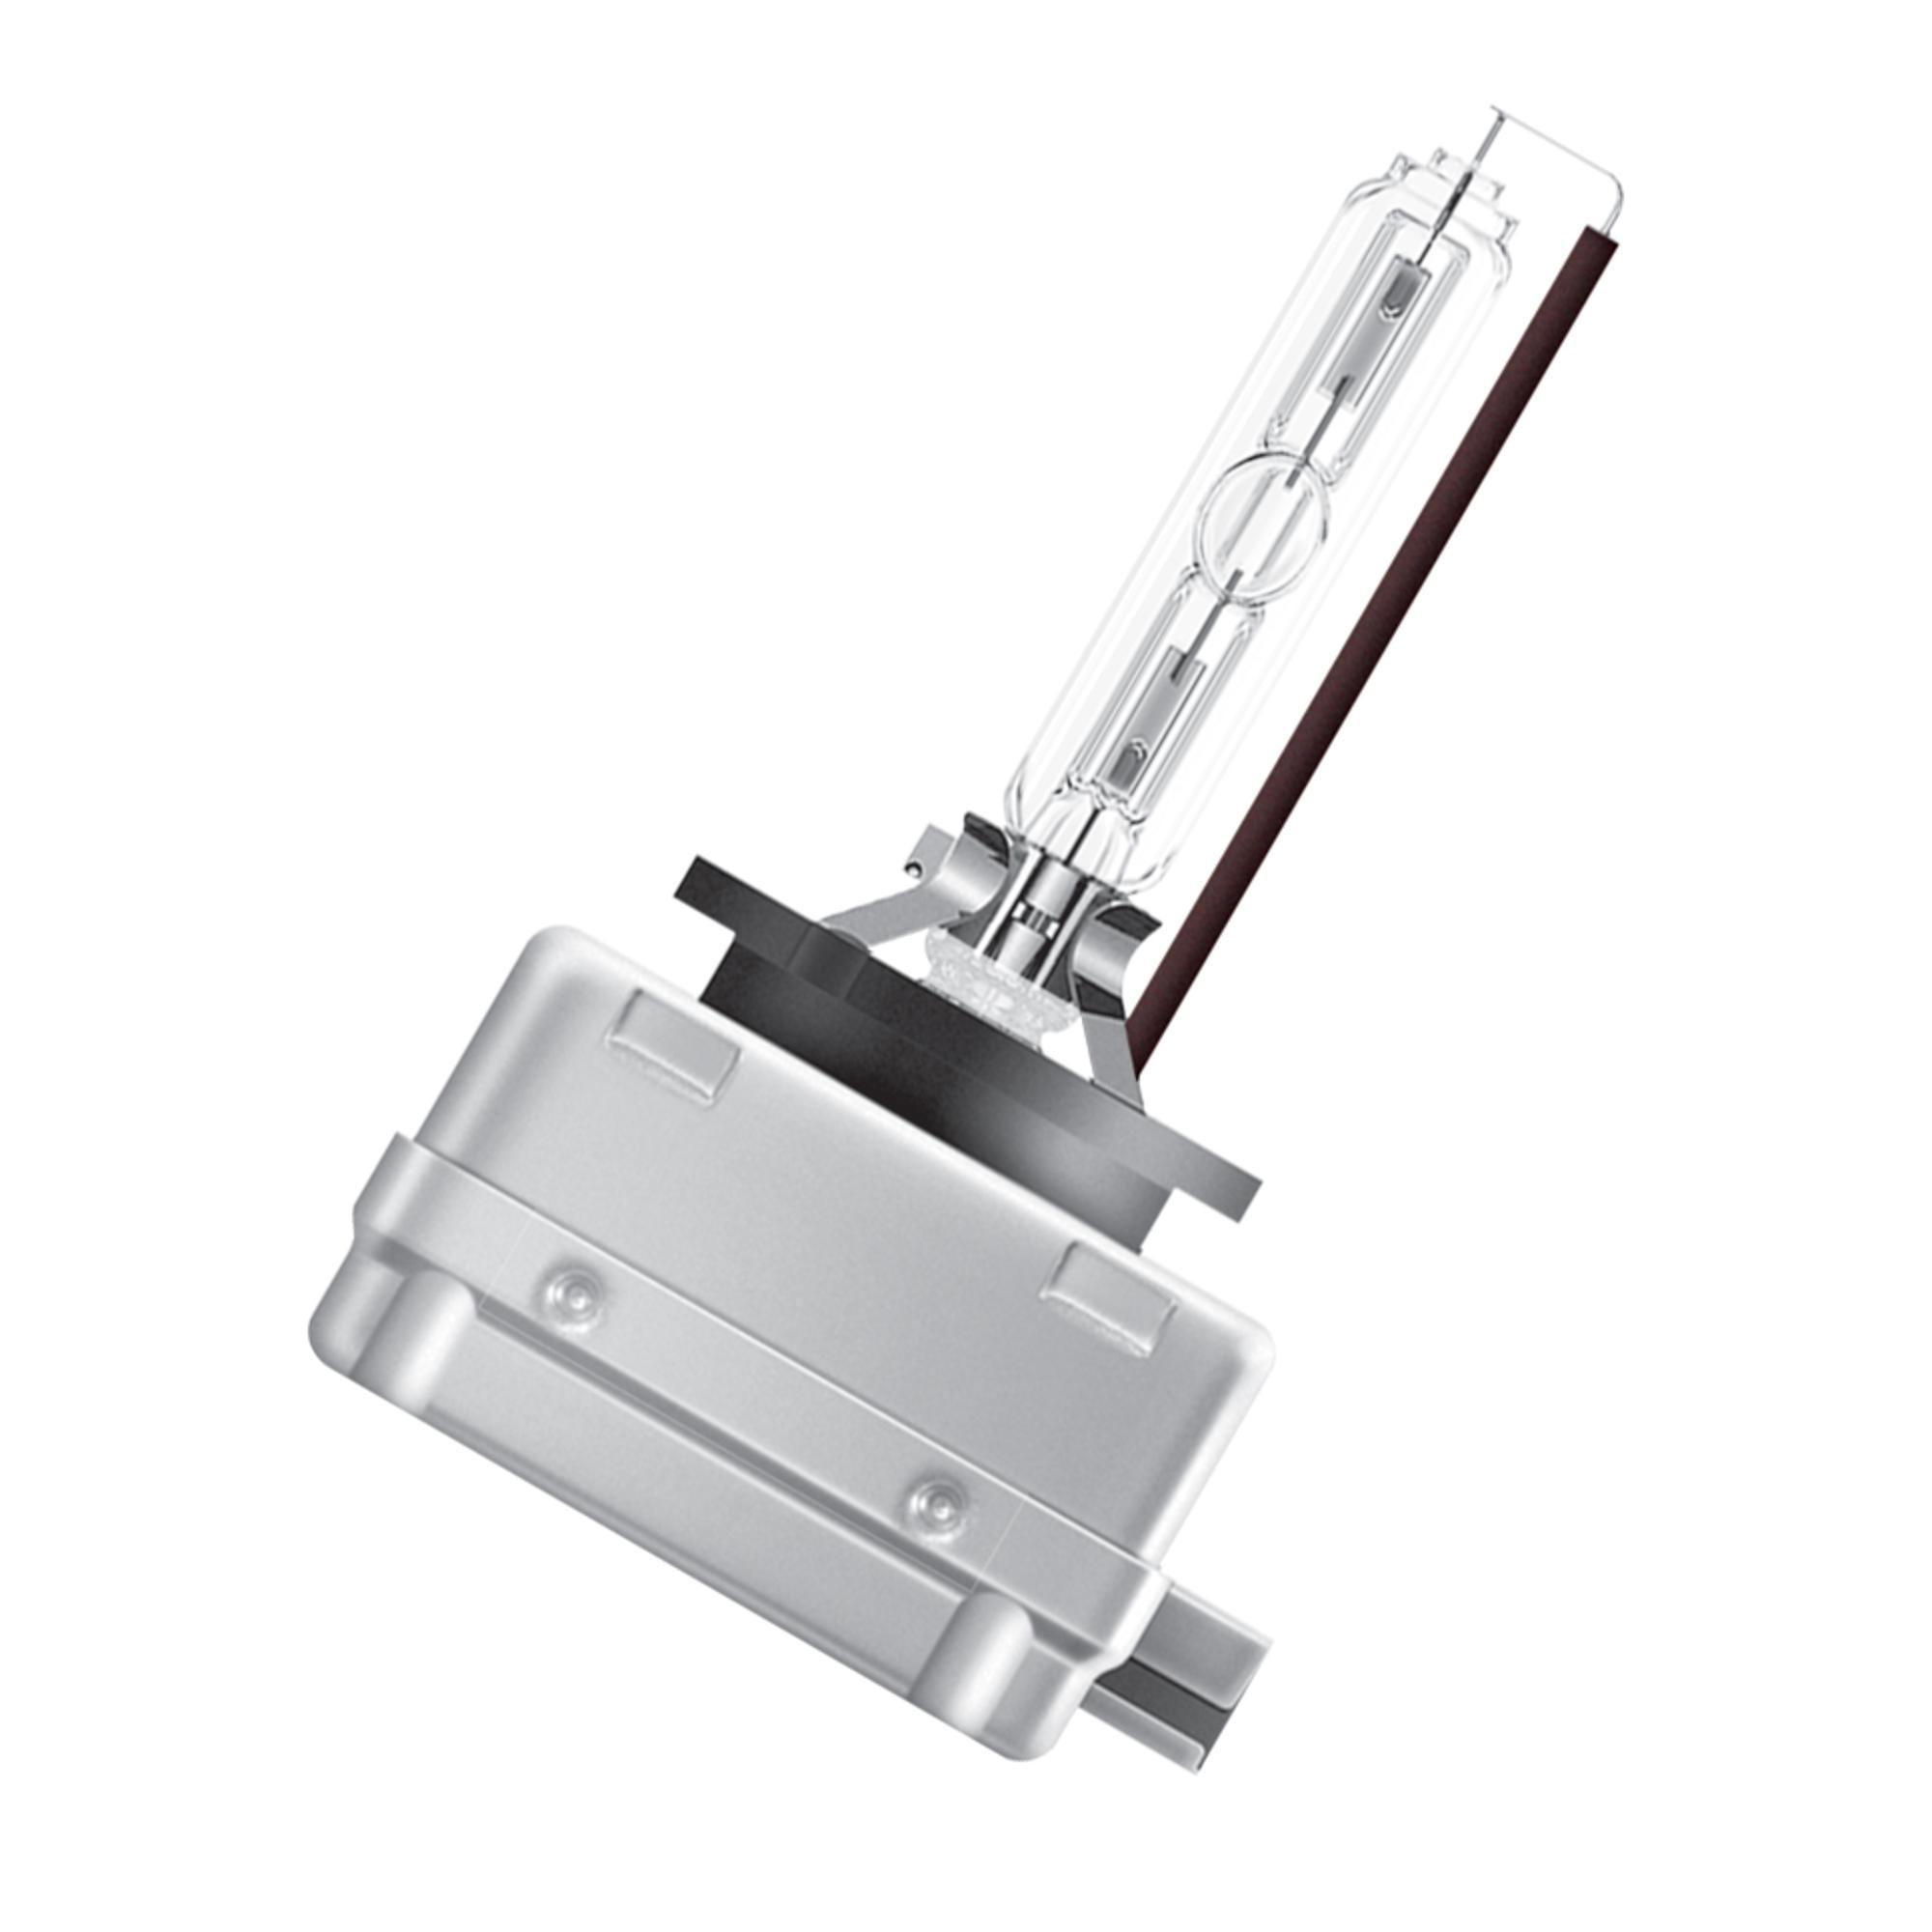 66140 Gloeilamp, verstraler OSRAM 66140 - Gigantisch assortiment — zwaar afgeprijsd